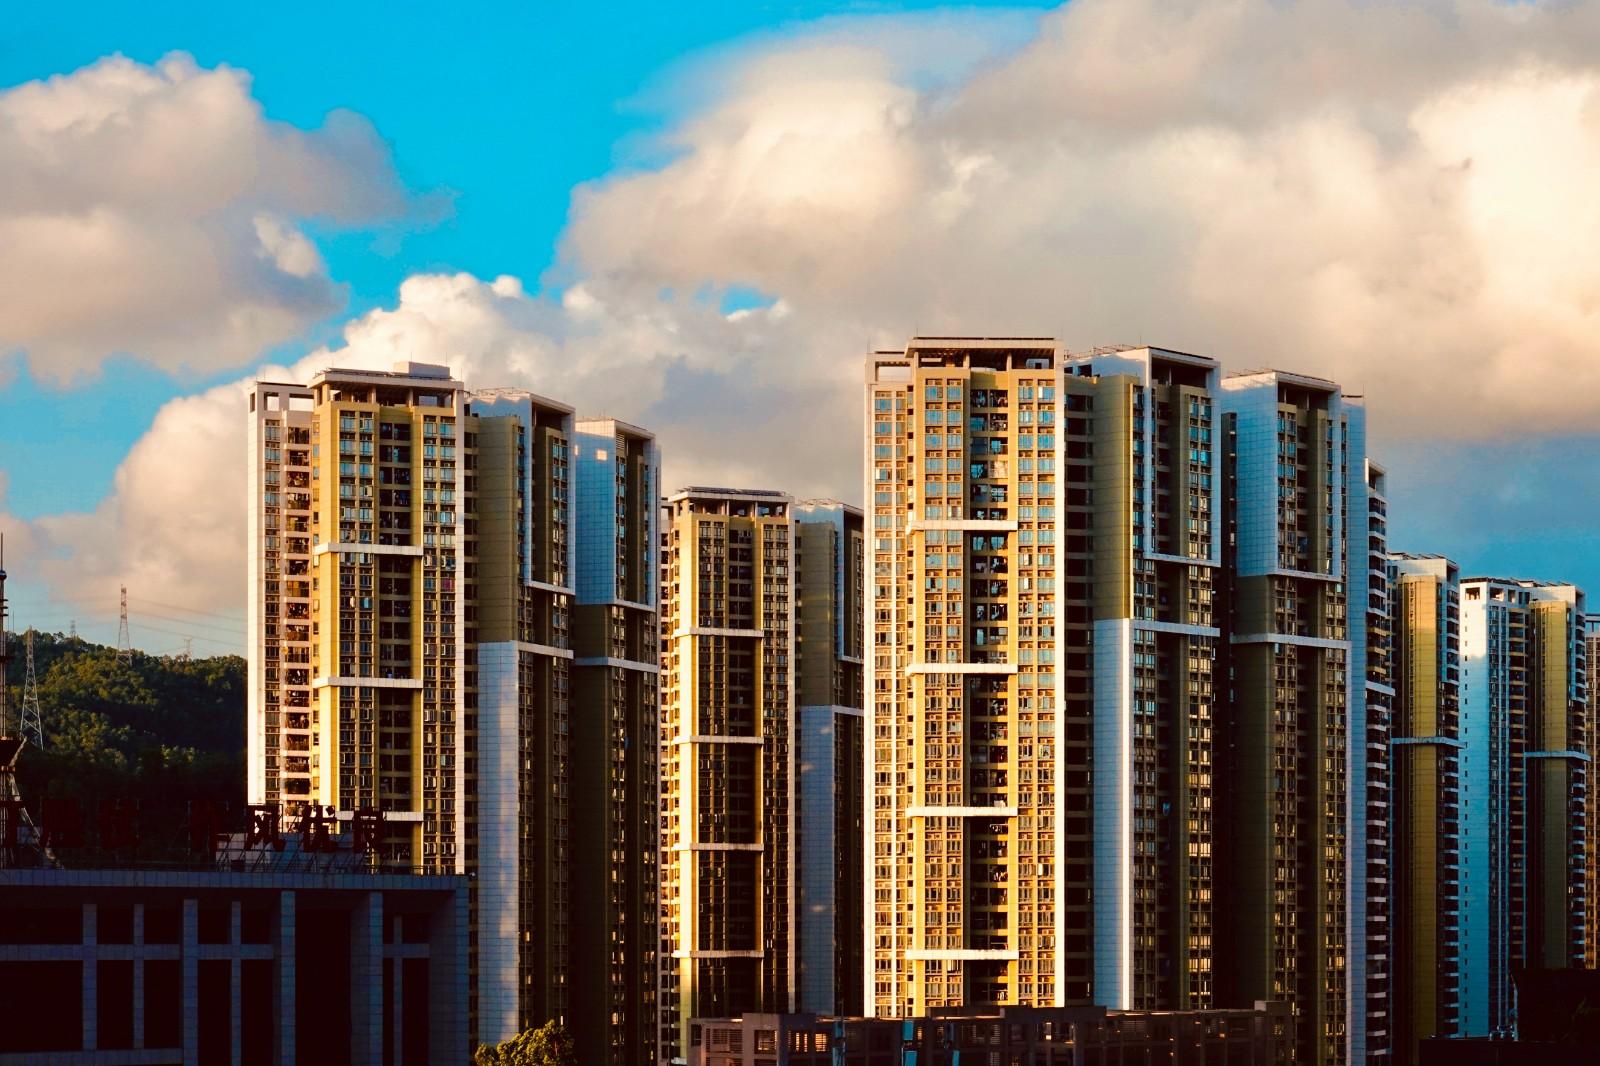 四五十万的首付,在武汉哪里买房最合适?感谢各位大神!